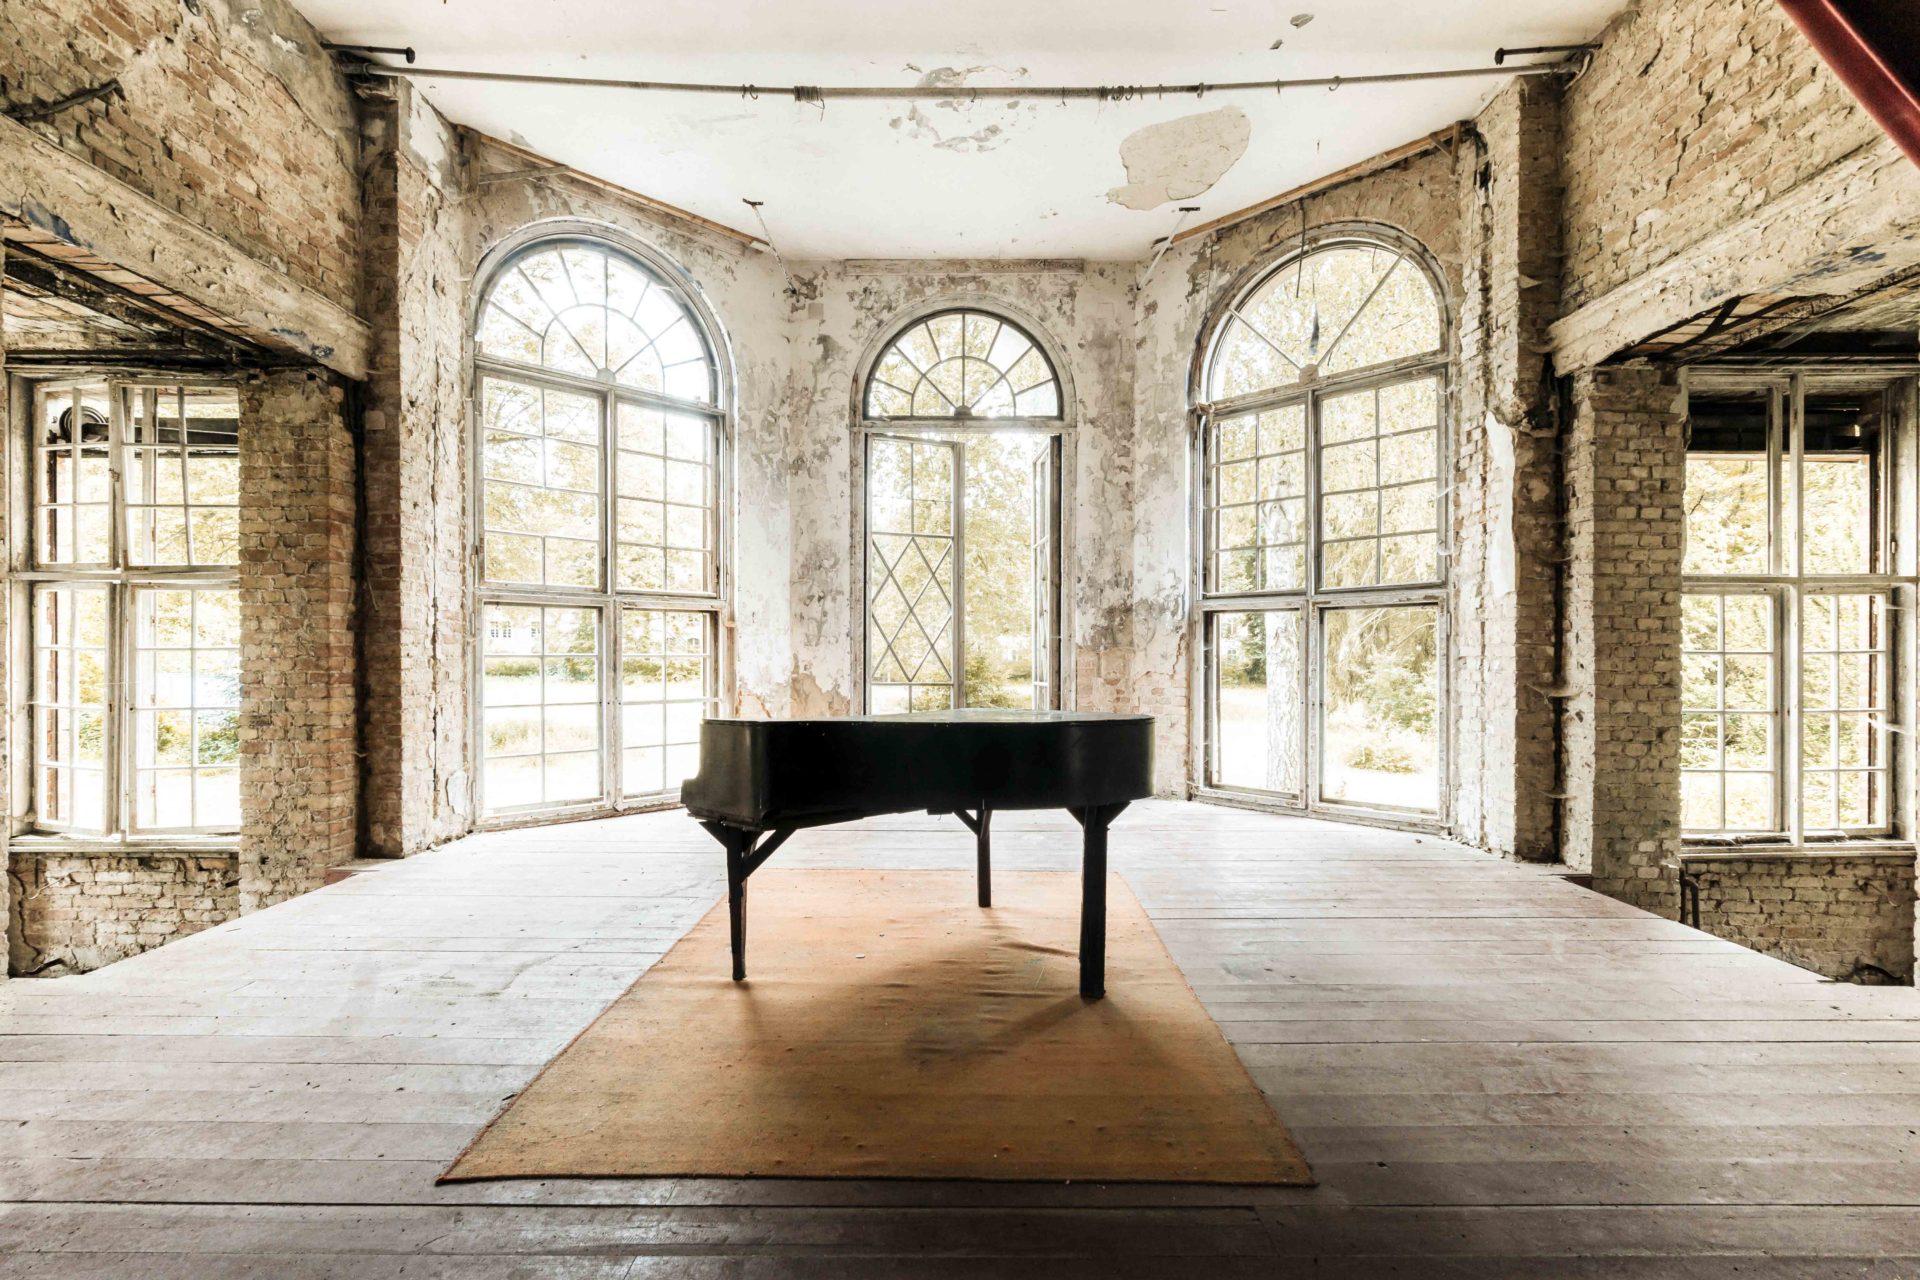 Requiem pour pianos 31 | Serie Requiem pour pianos | Romain Thiery | Germany